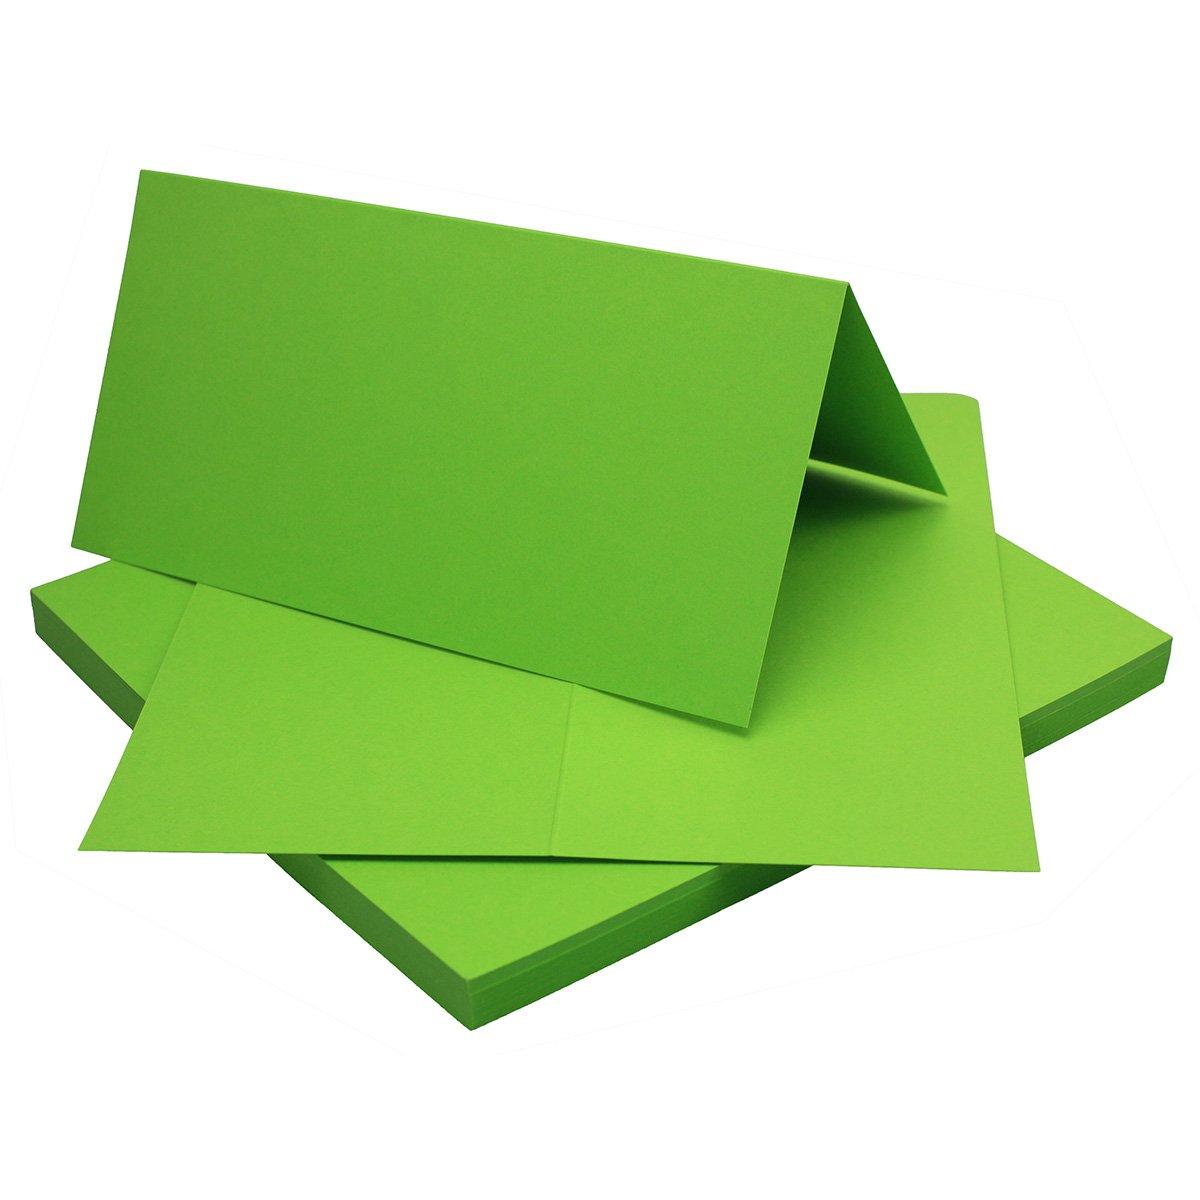 700 Faltkarten Din Lang - Hellgrau - Premium Qualität - 10,5 x 21 cm - Sehr formstabil - für Drucker Geeignet  - Qualitätsmarke  NEUSER FarbenFroh B07FKV3SHH | Spielen Sie das Beste